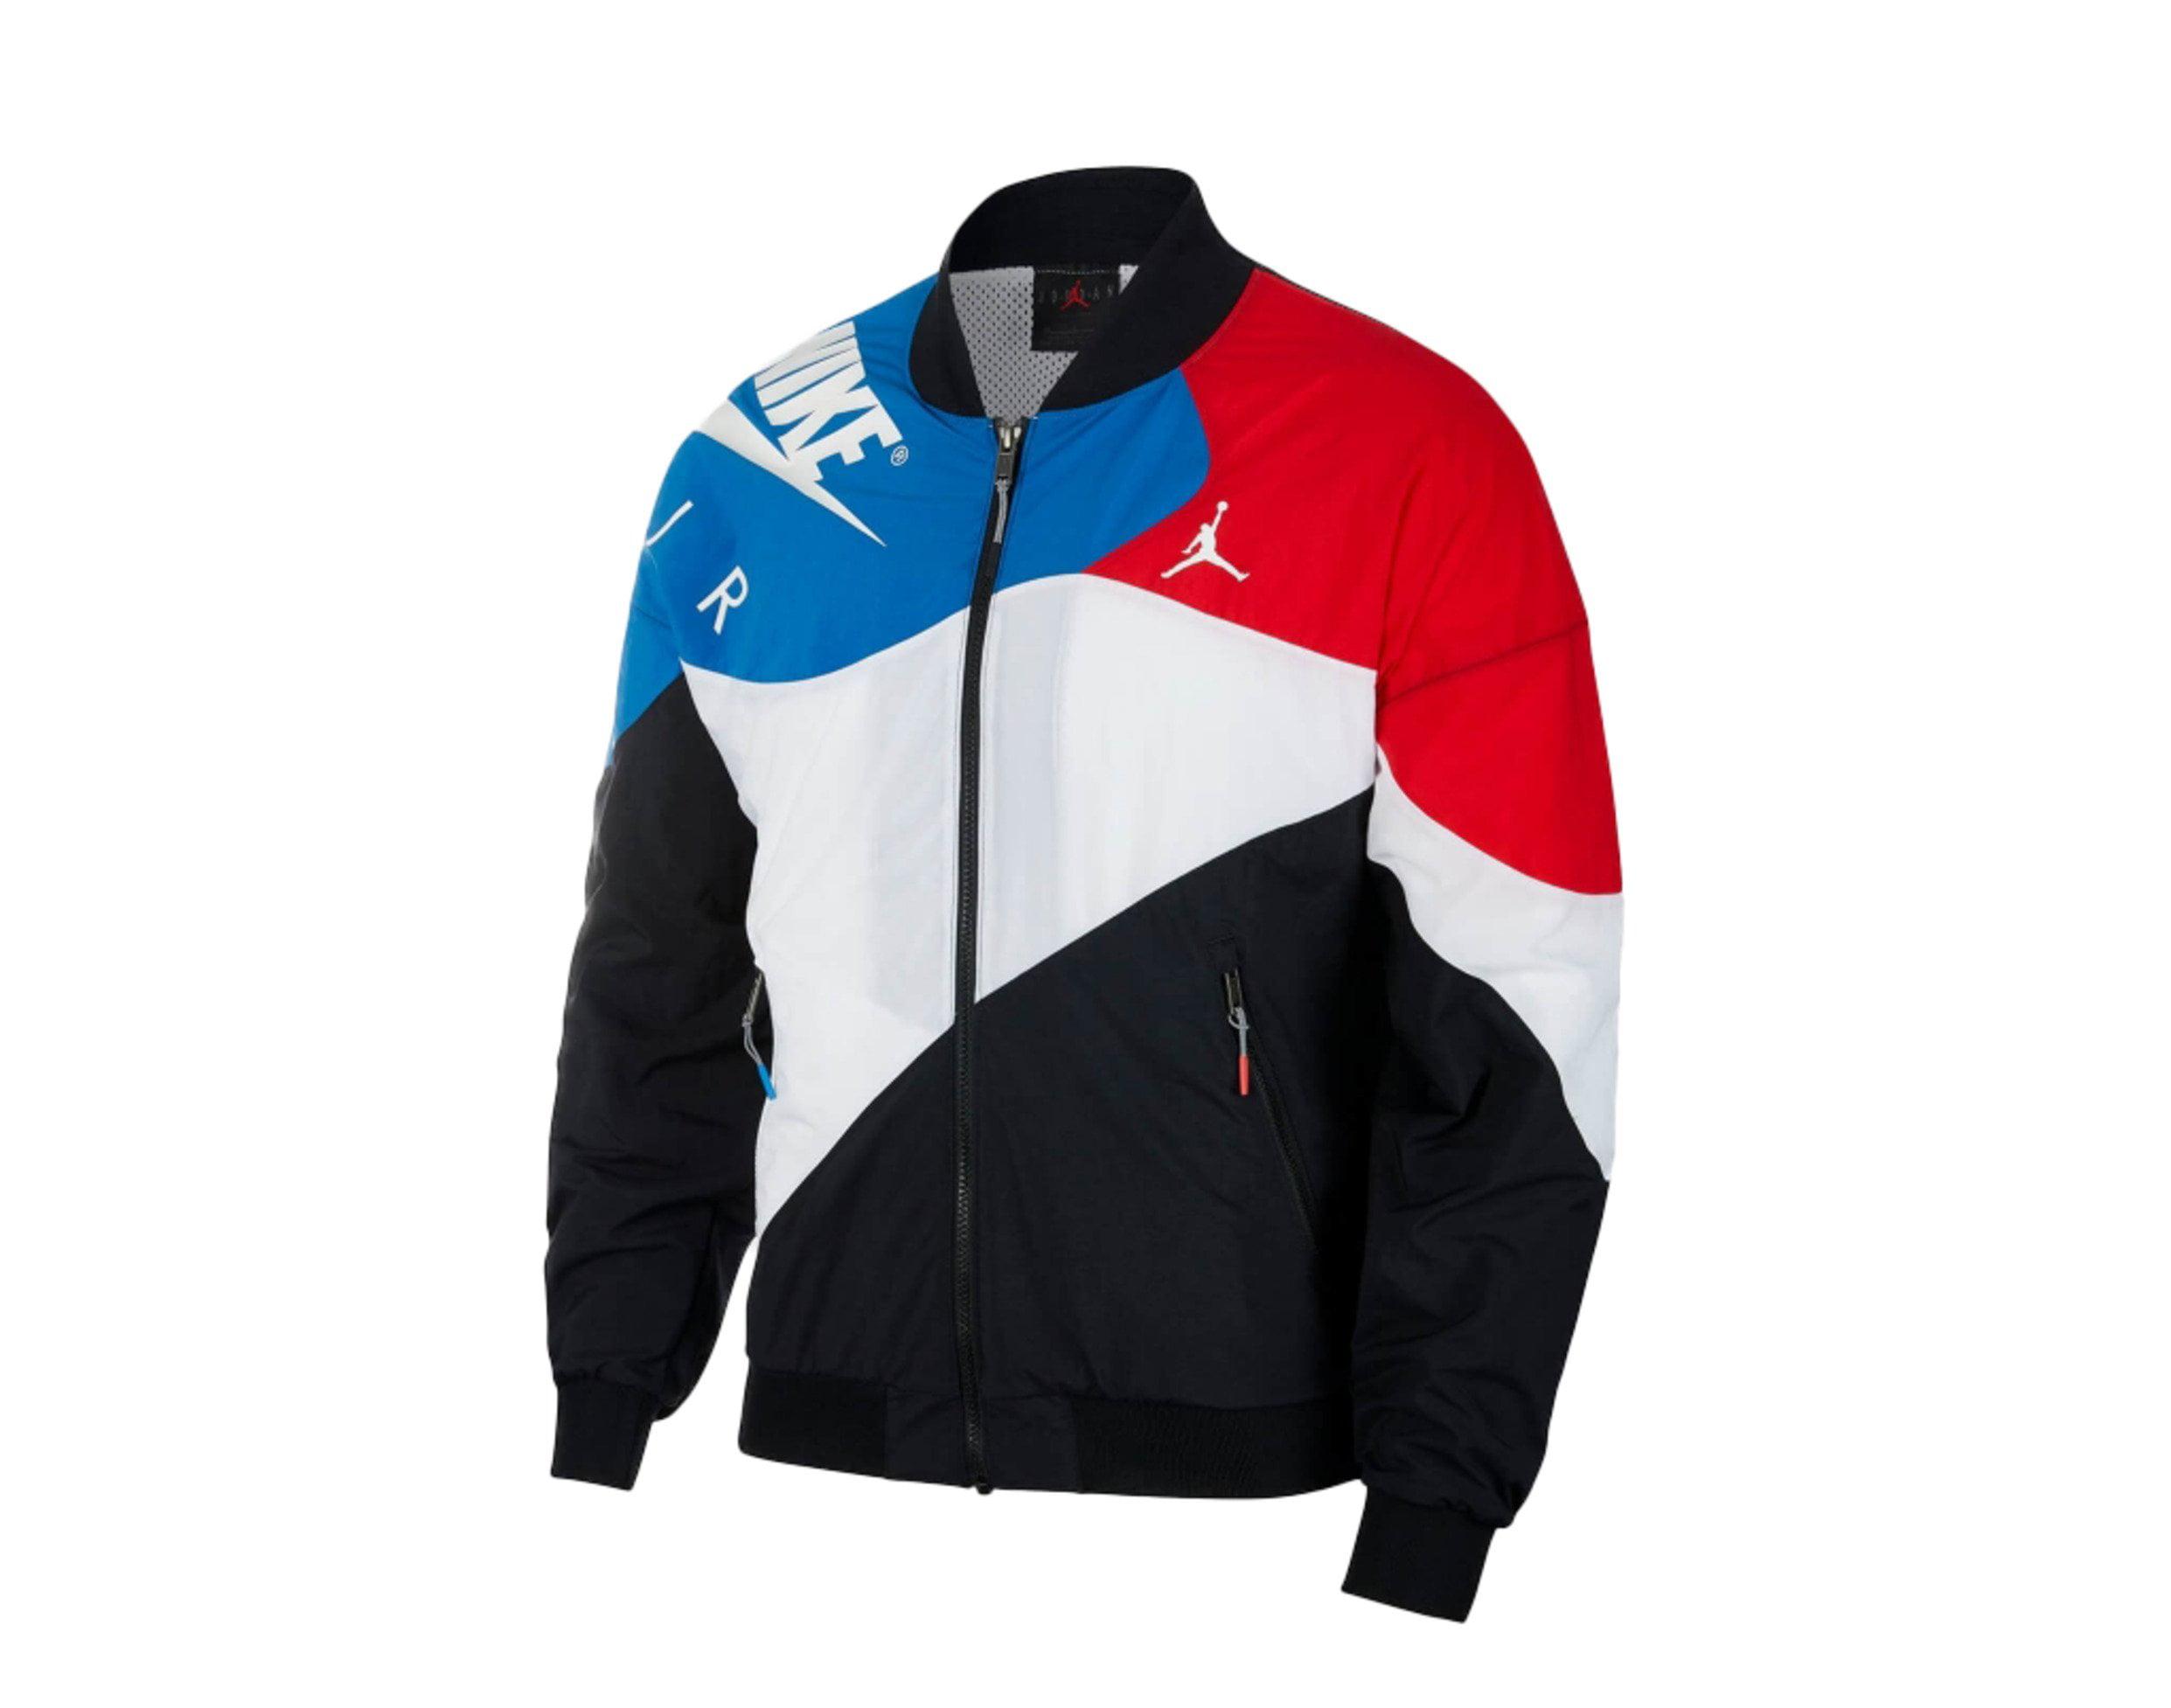 Nike Air Jordan Legacy AJ 4 Full-Zip